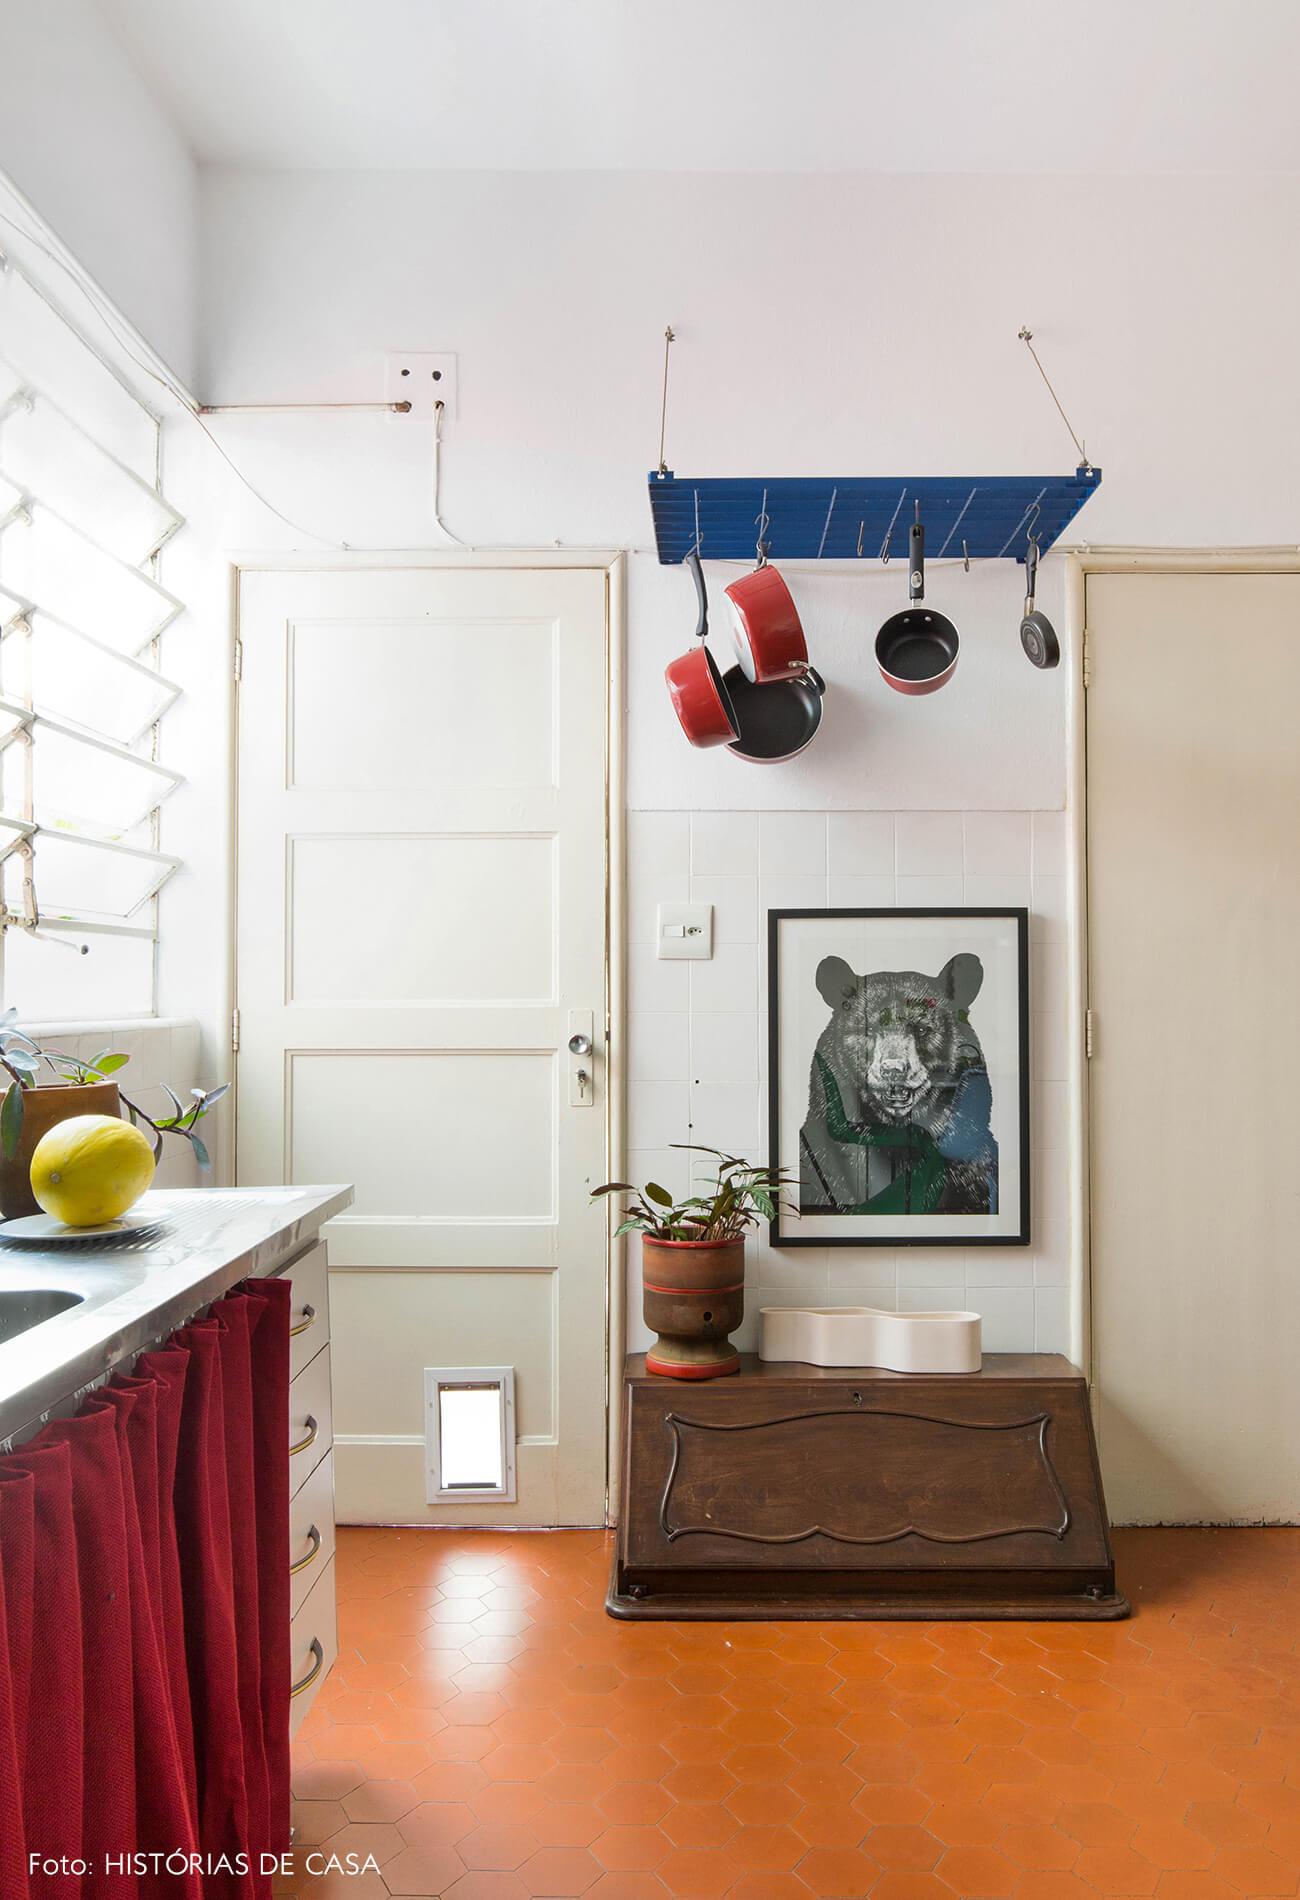 Cozinha com paneleiro suspenso